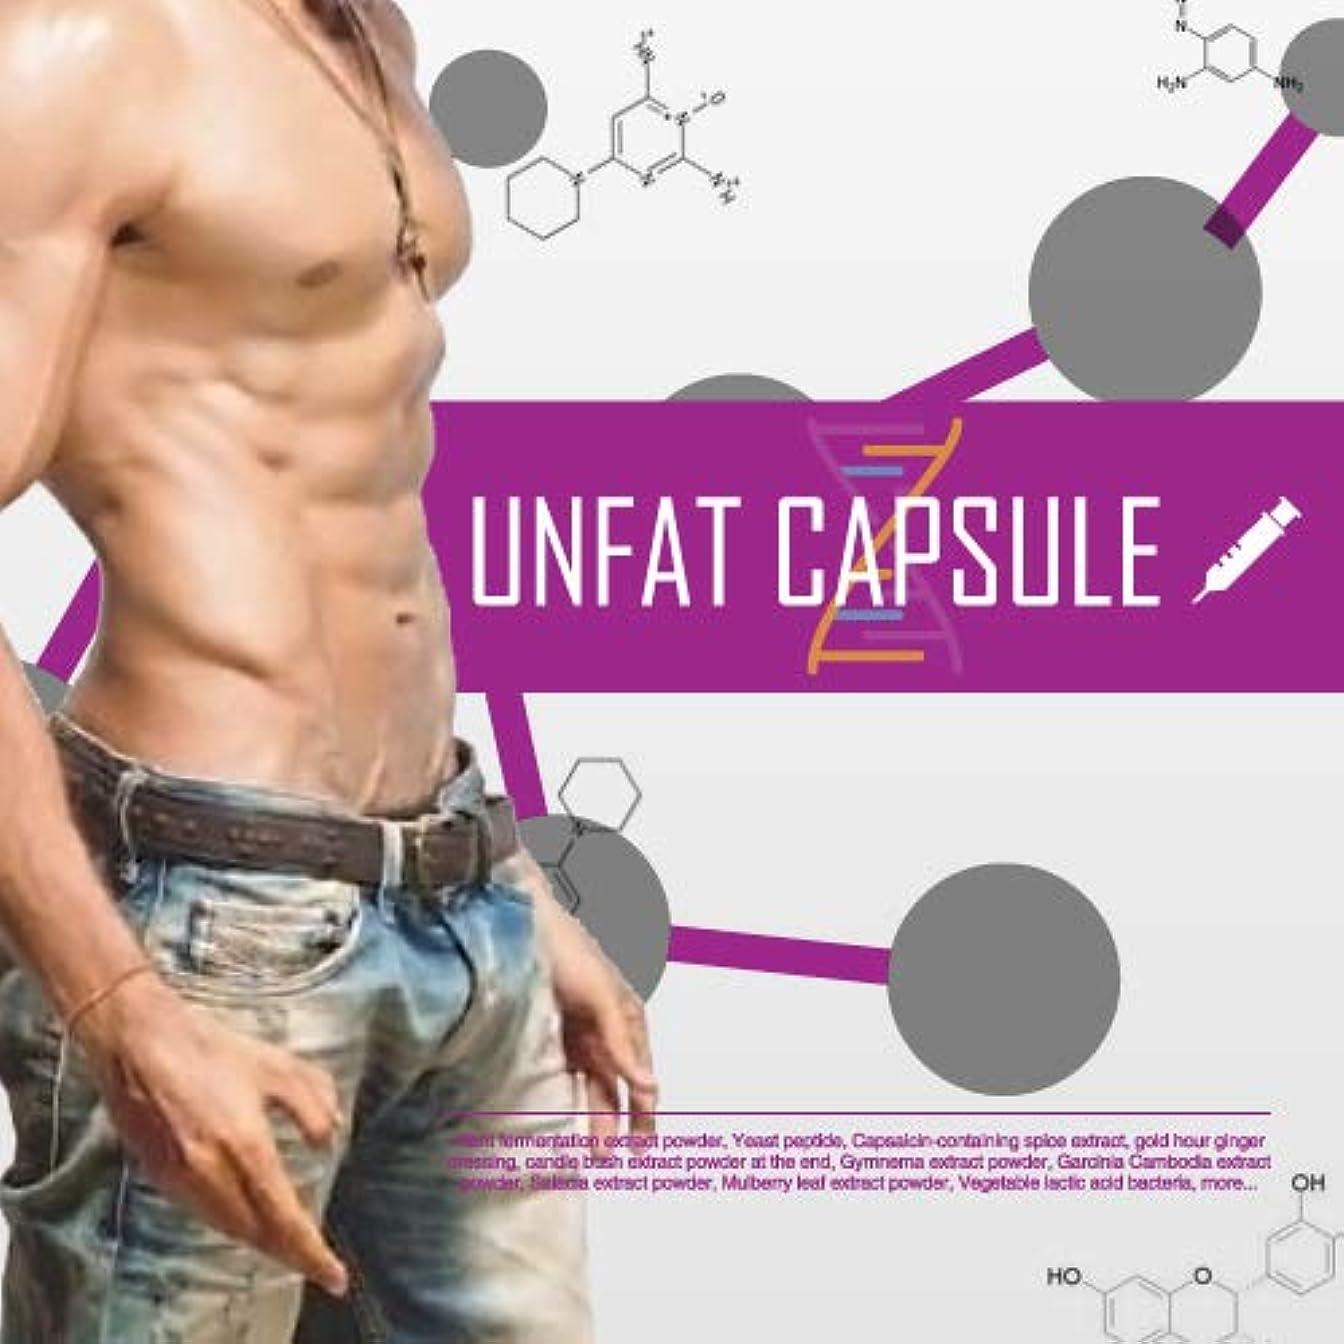 どうしたのボクシングそれぞれアンファットカプセル (5) / ダイエットサプリ サプリメント コエンザイムQ10 プラセンタ ブラックジンジャー ビタミンC アルギニン 栄養補助食品 美ボディ 美body